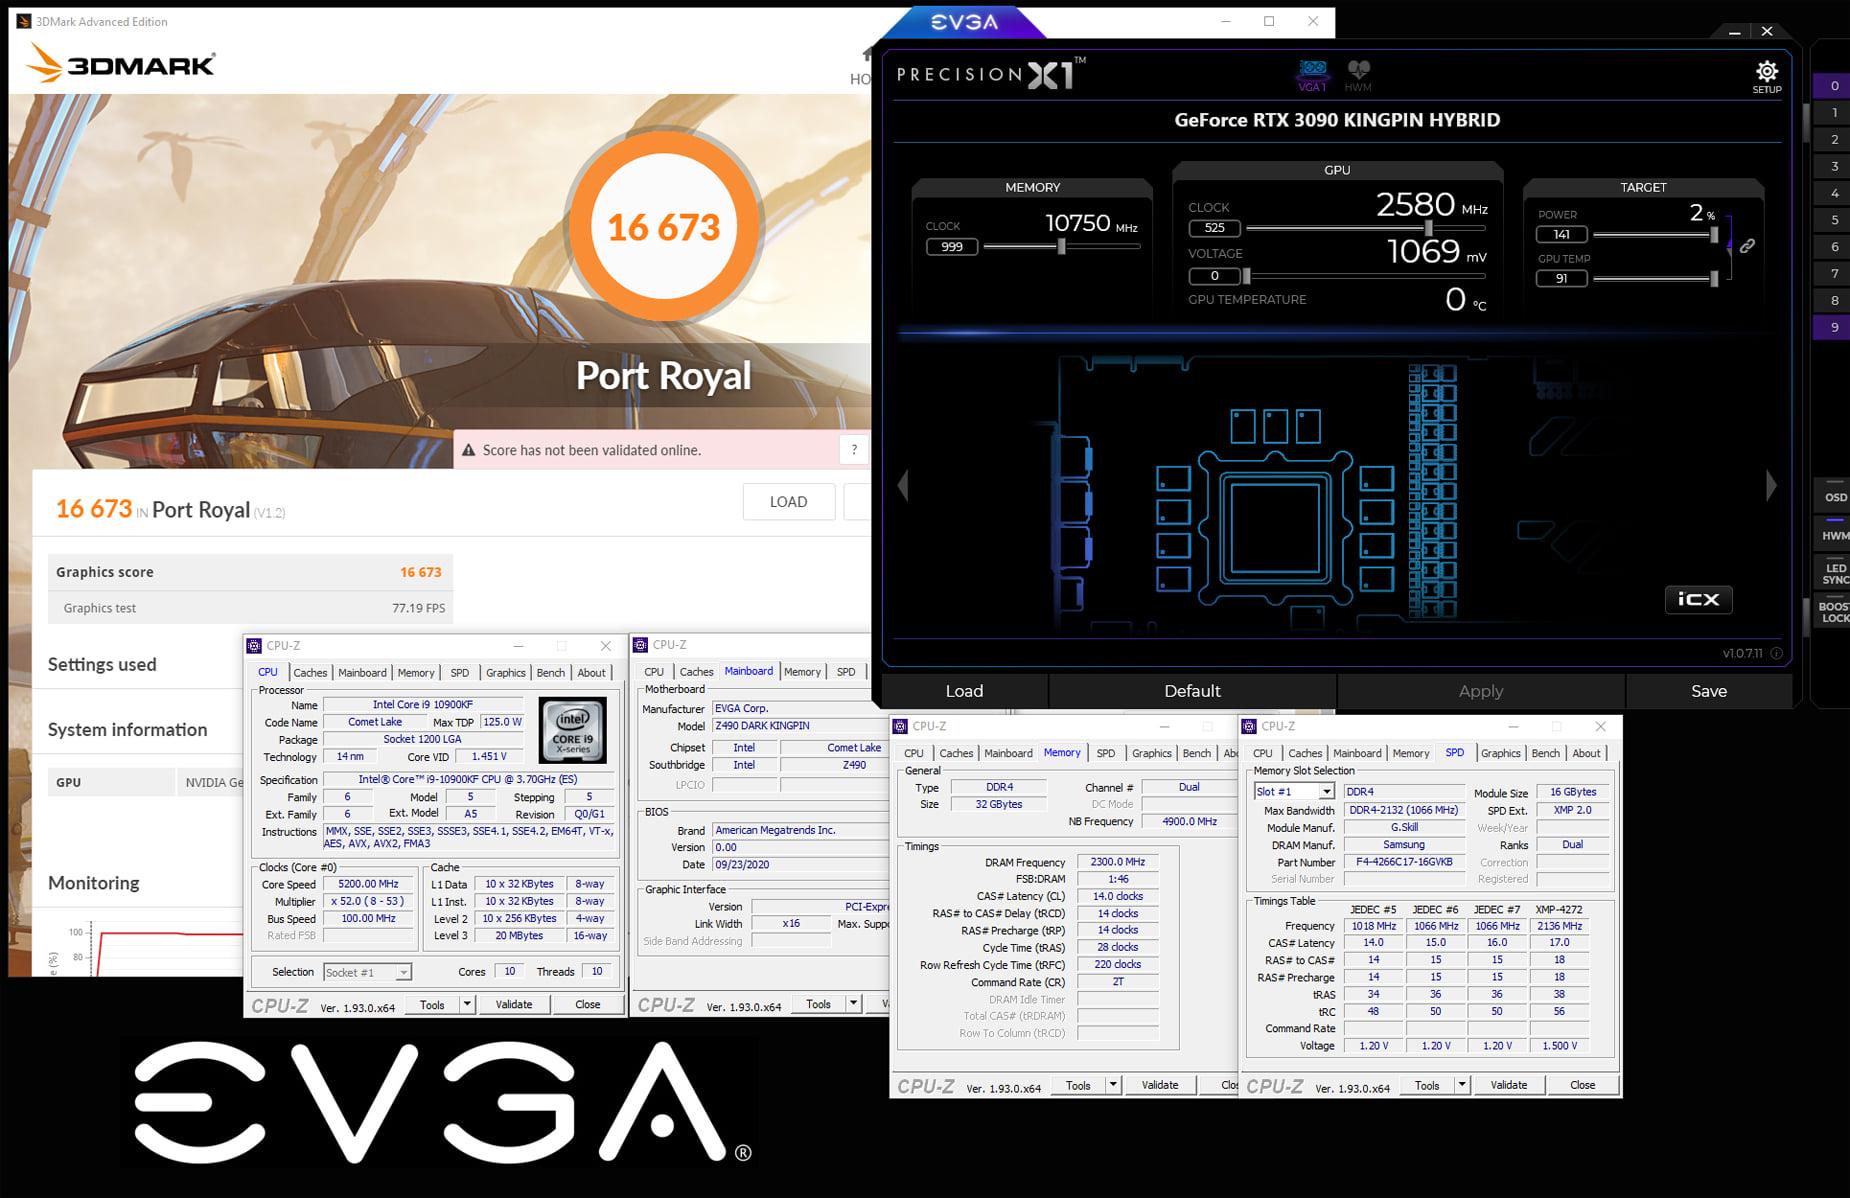 EVGA RTX 3090 K|NGP|N